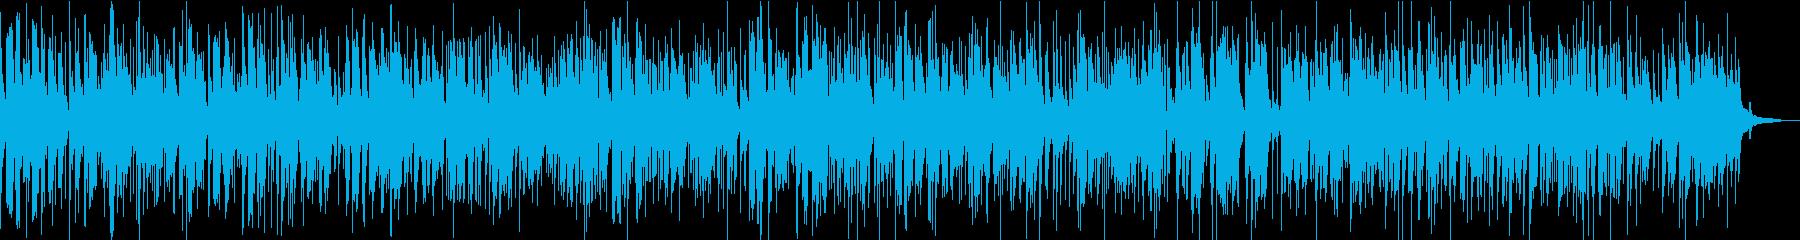 ジャズバイオリンのバラードジングルベルの再生済みの波形